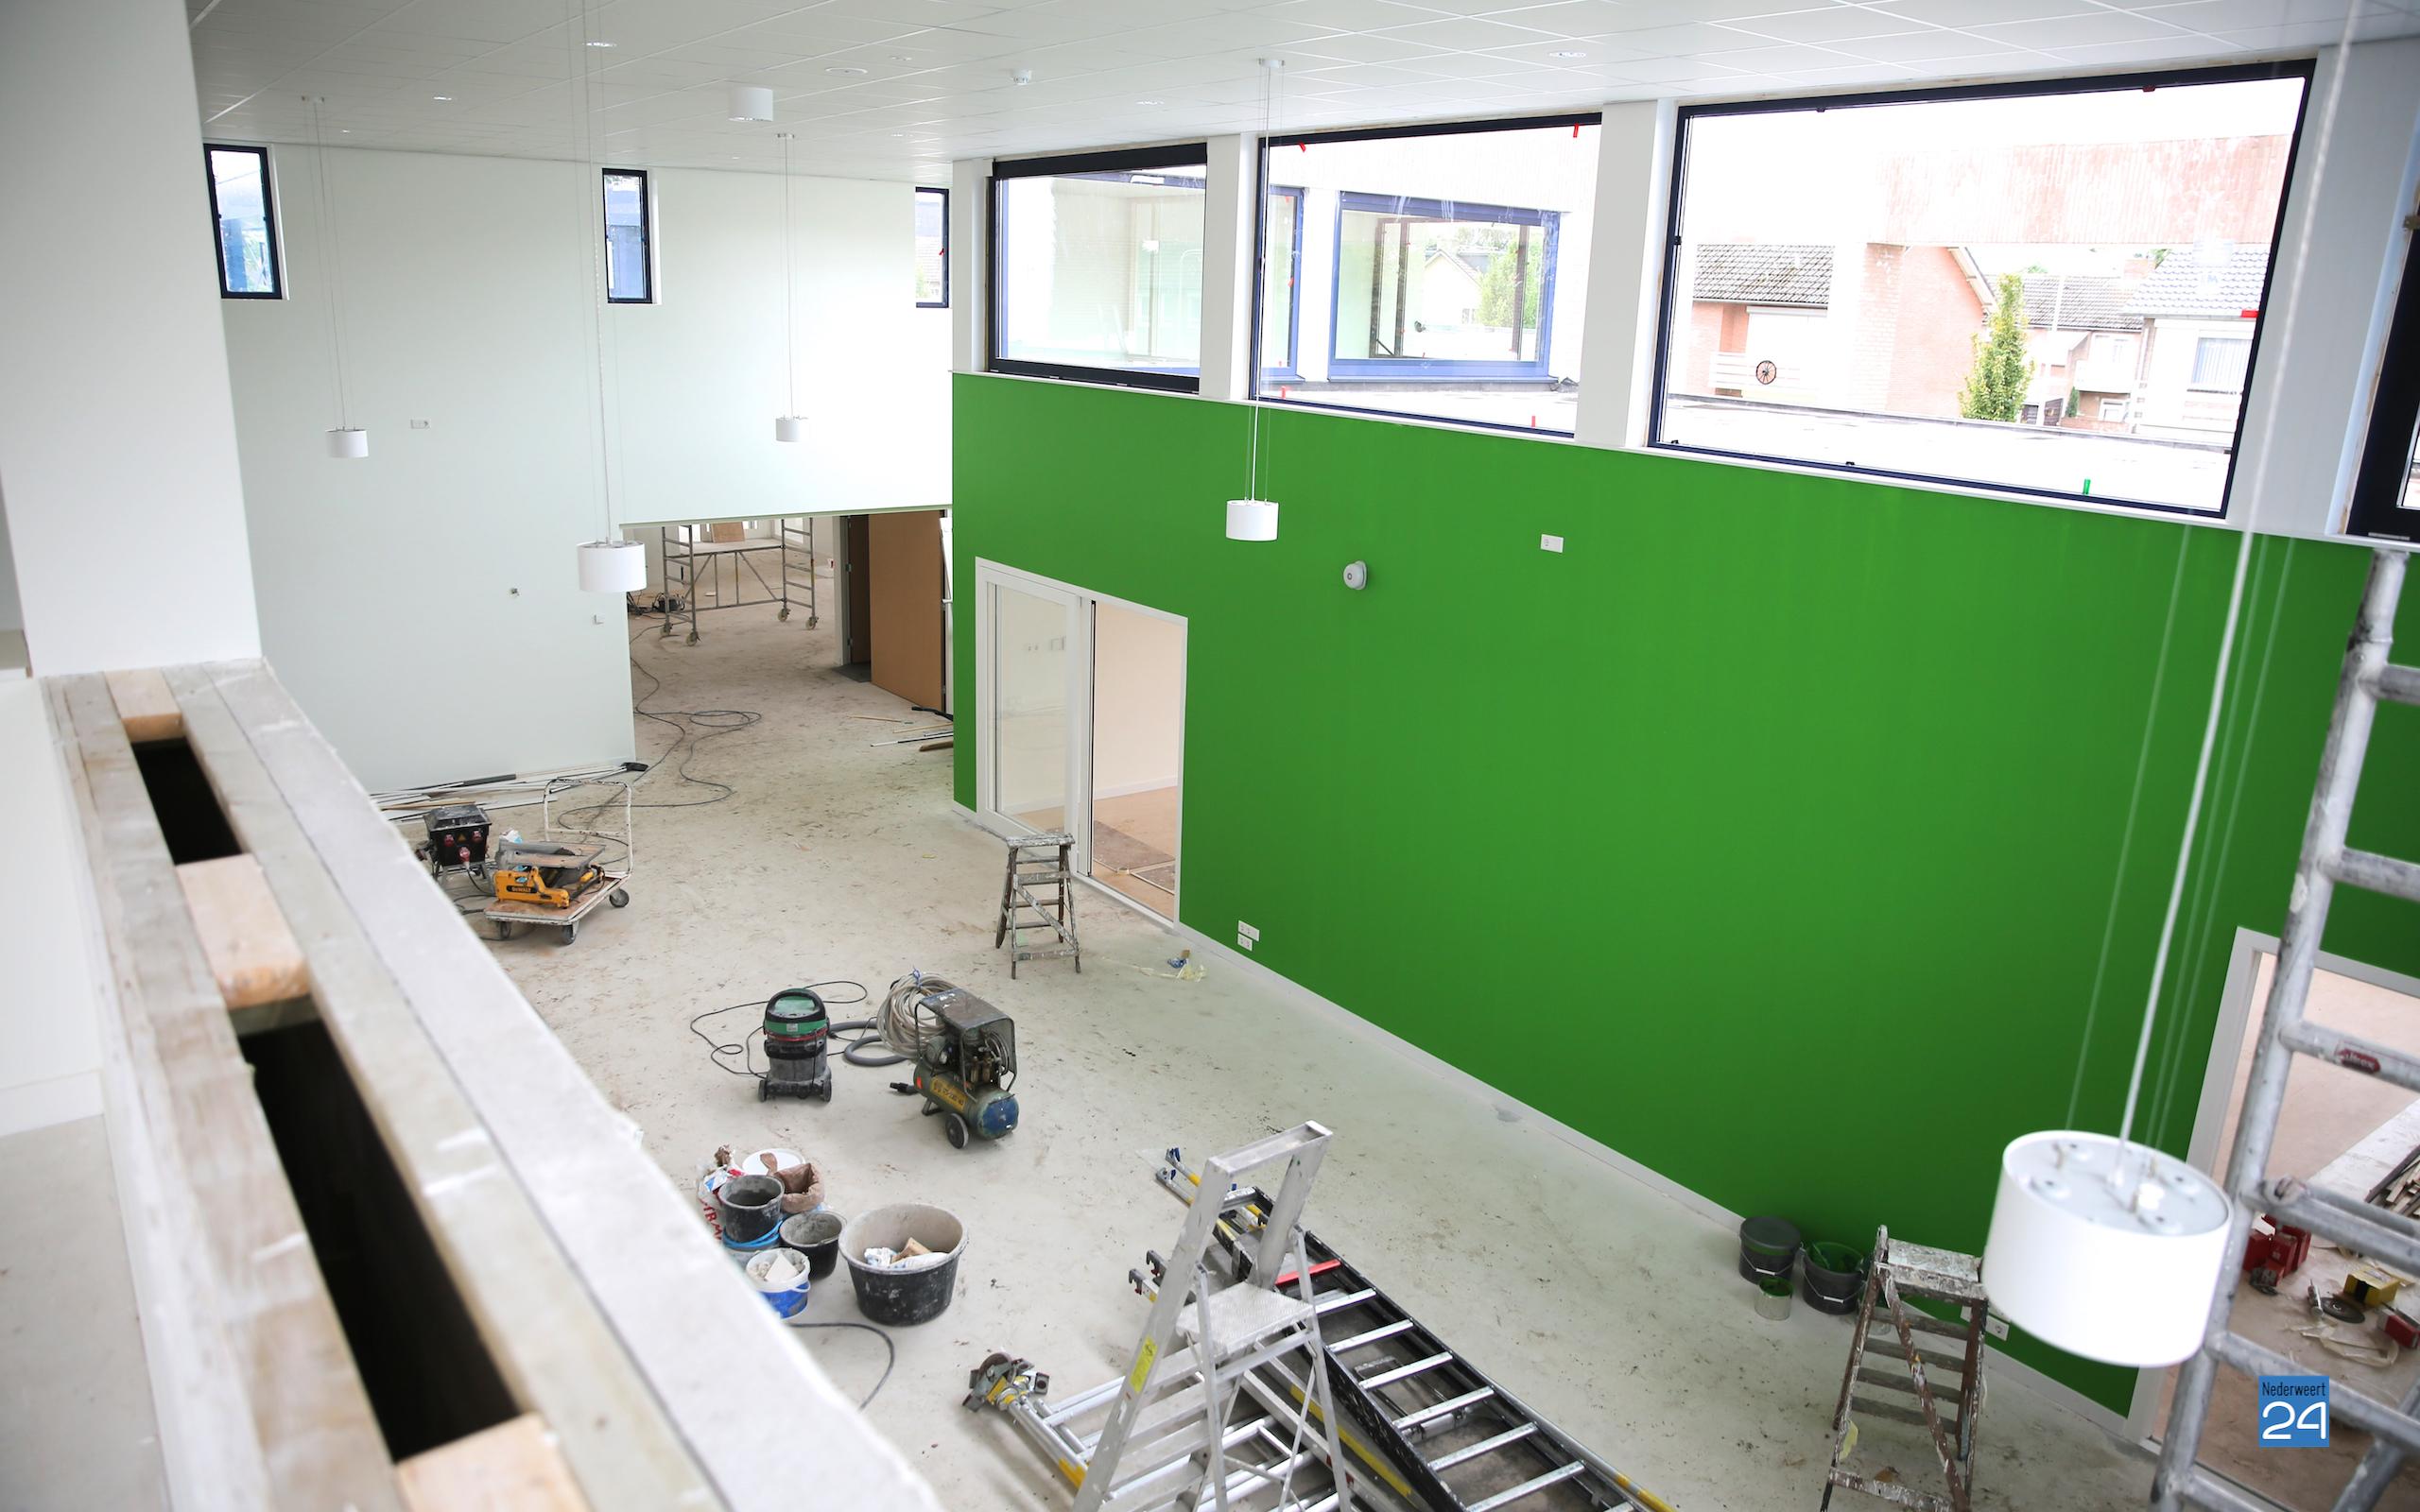 Opening basisschool De Schrank uitgesteld (Foto\'s) - Nederweert24